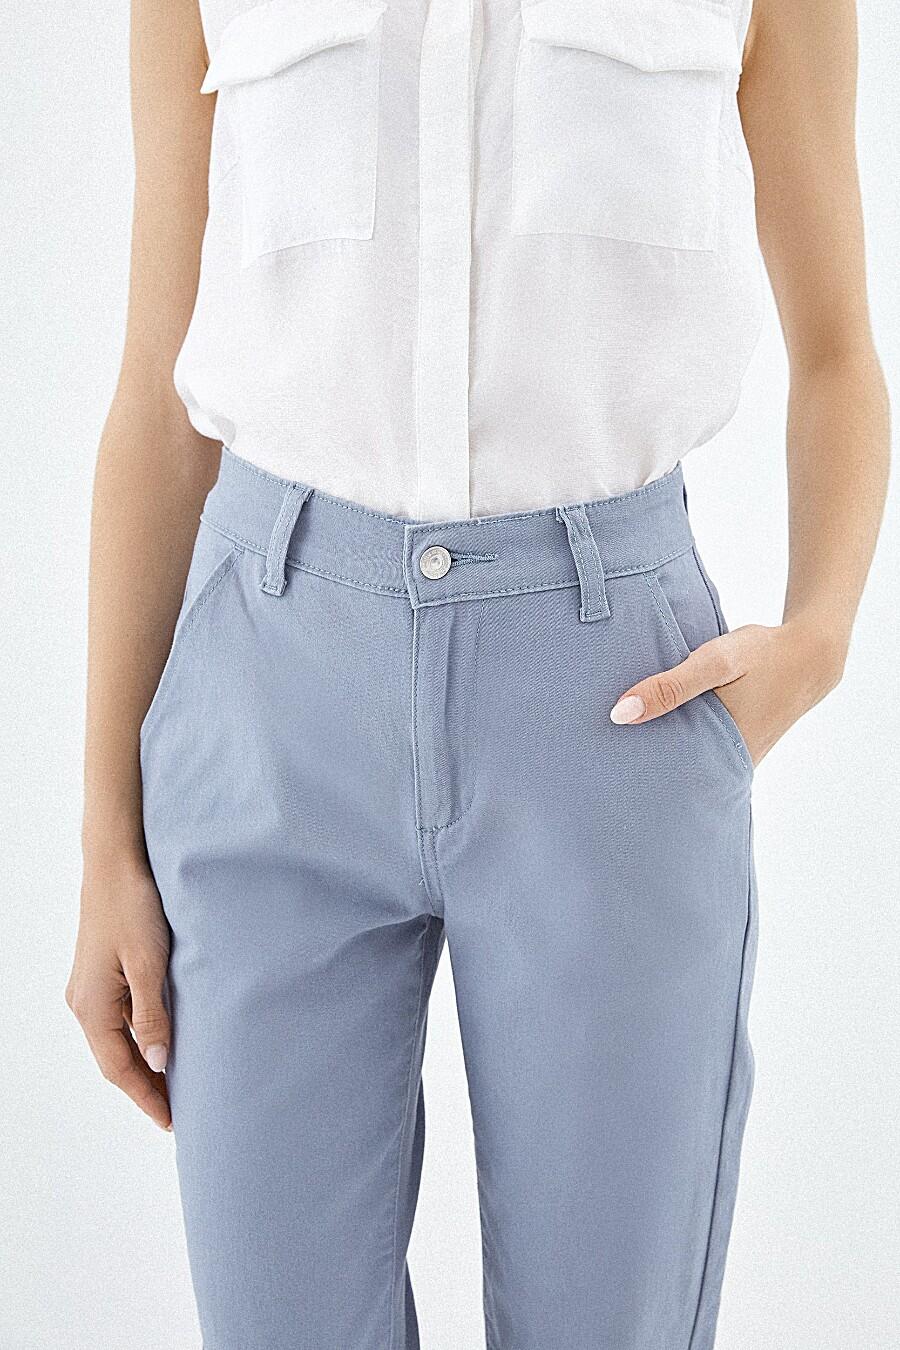 Джинсы для женщин ZARINA 205056 купить оптом от производителя. Совместная покупка женской одежды в OptMoyo